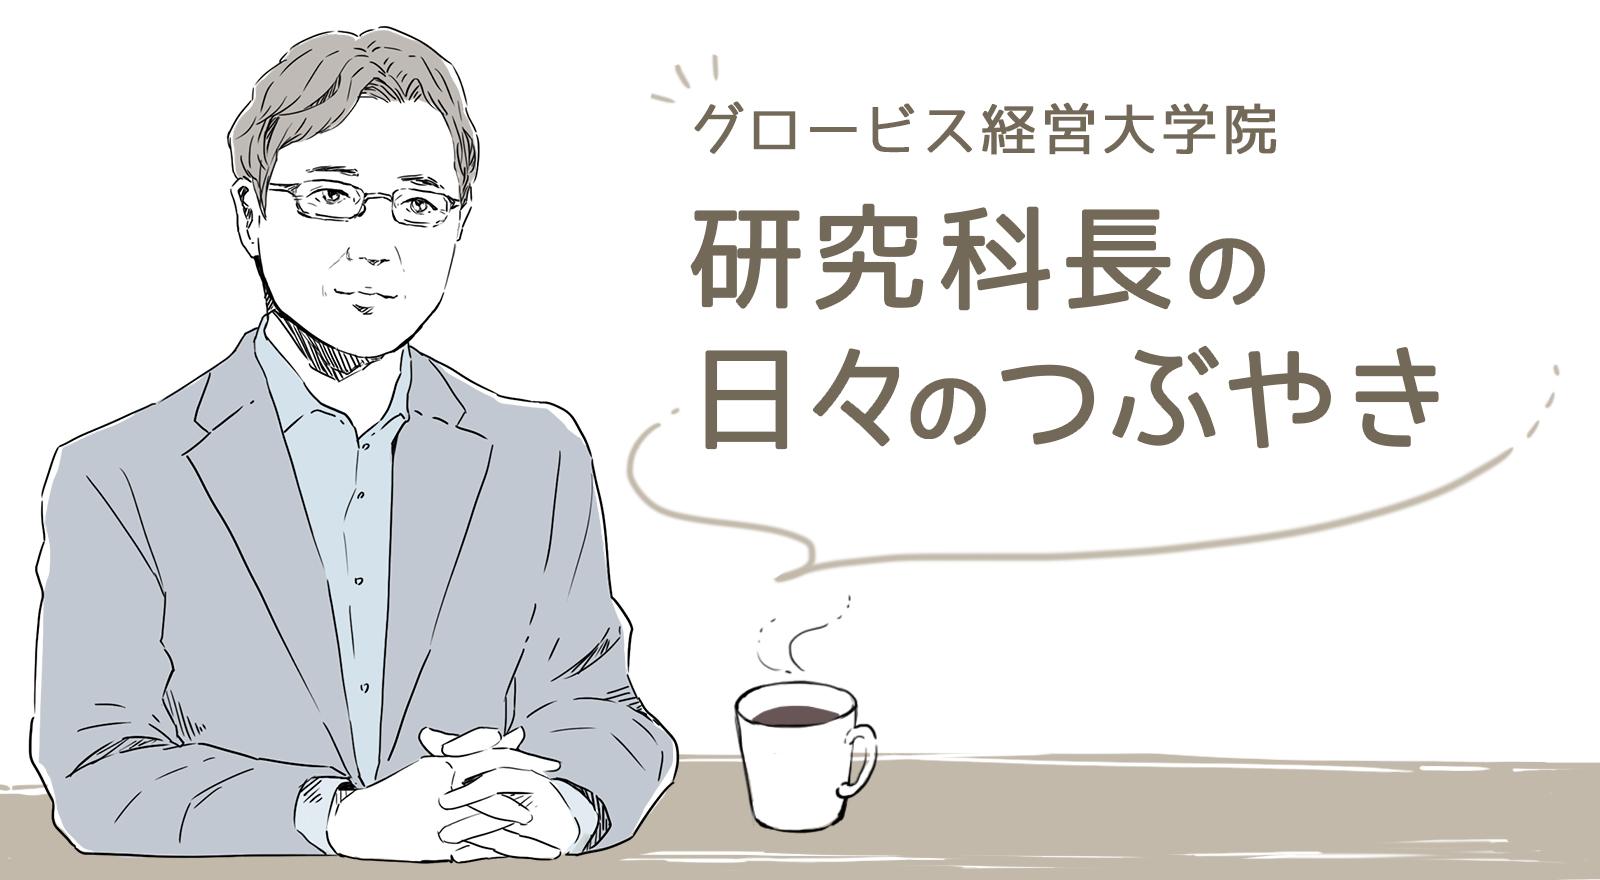 【研究科長の日々のつぶやき④】本の読み方